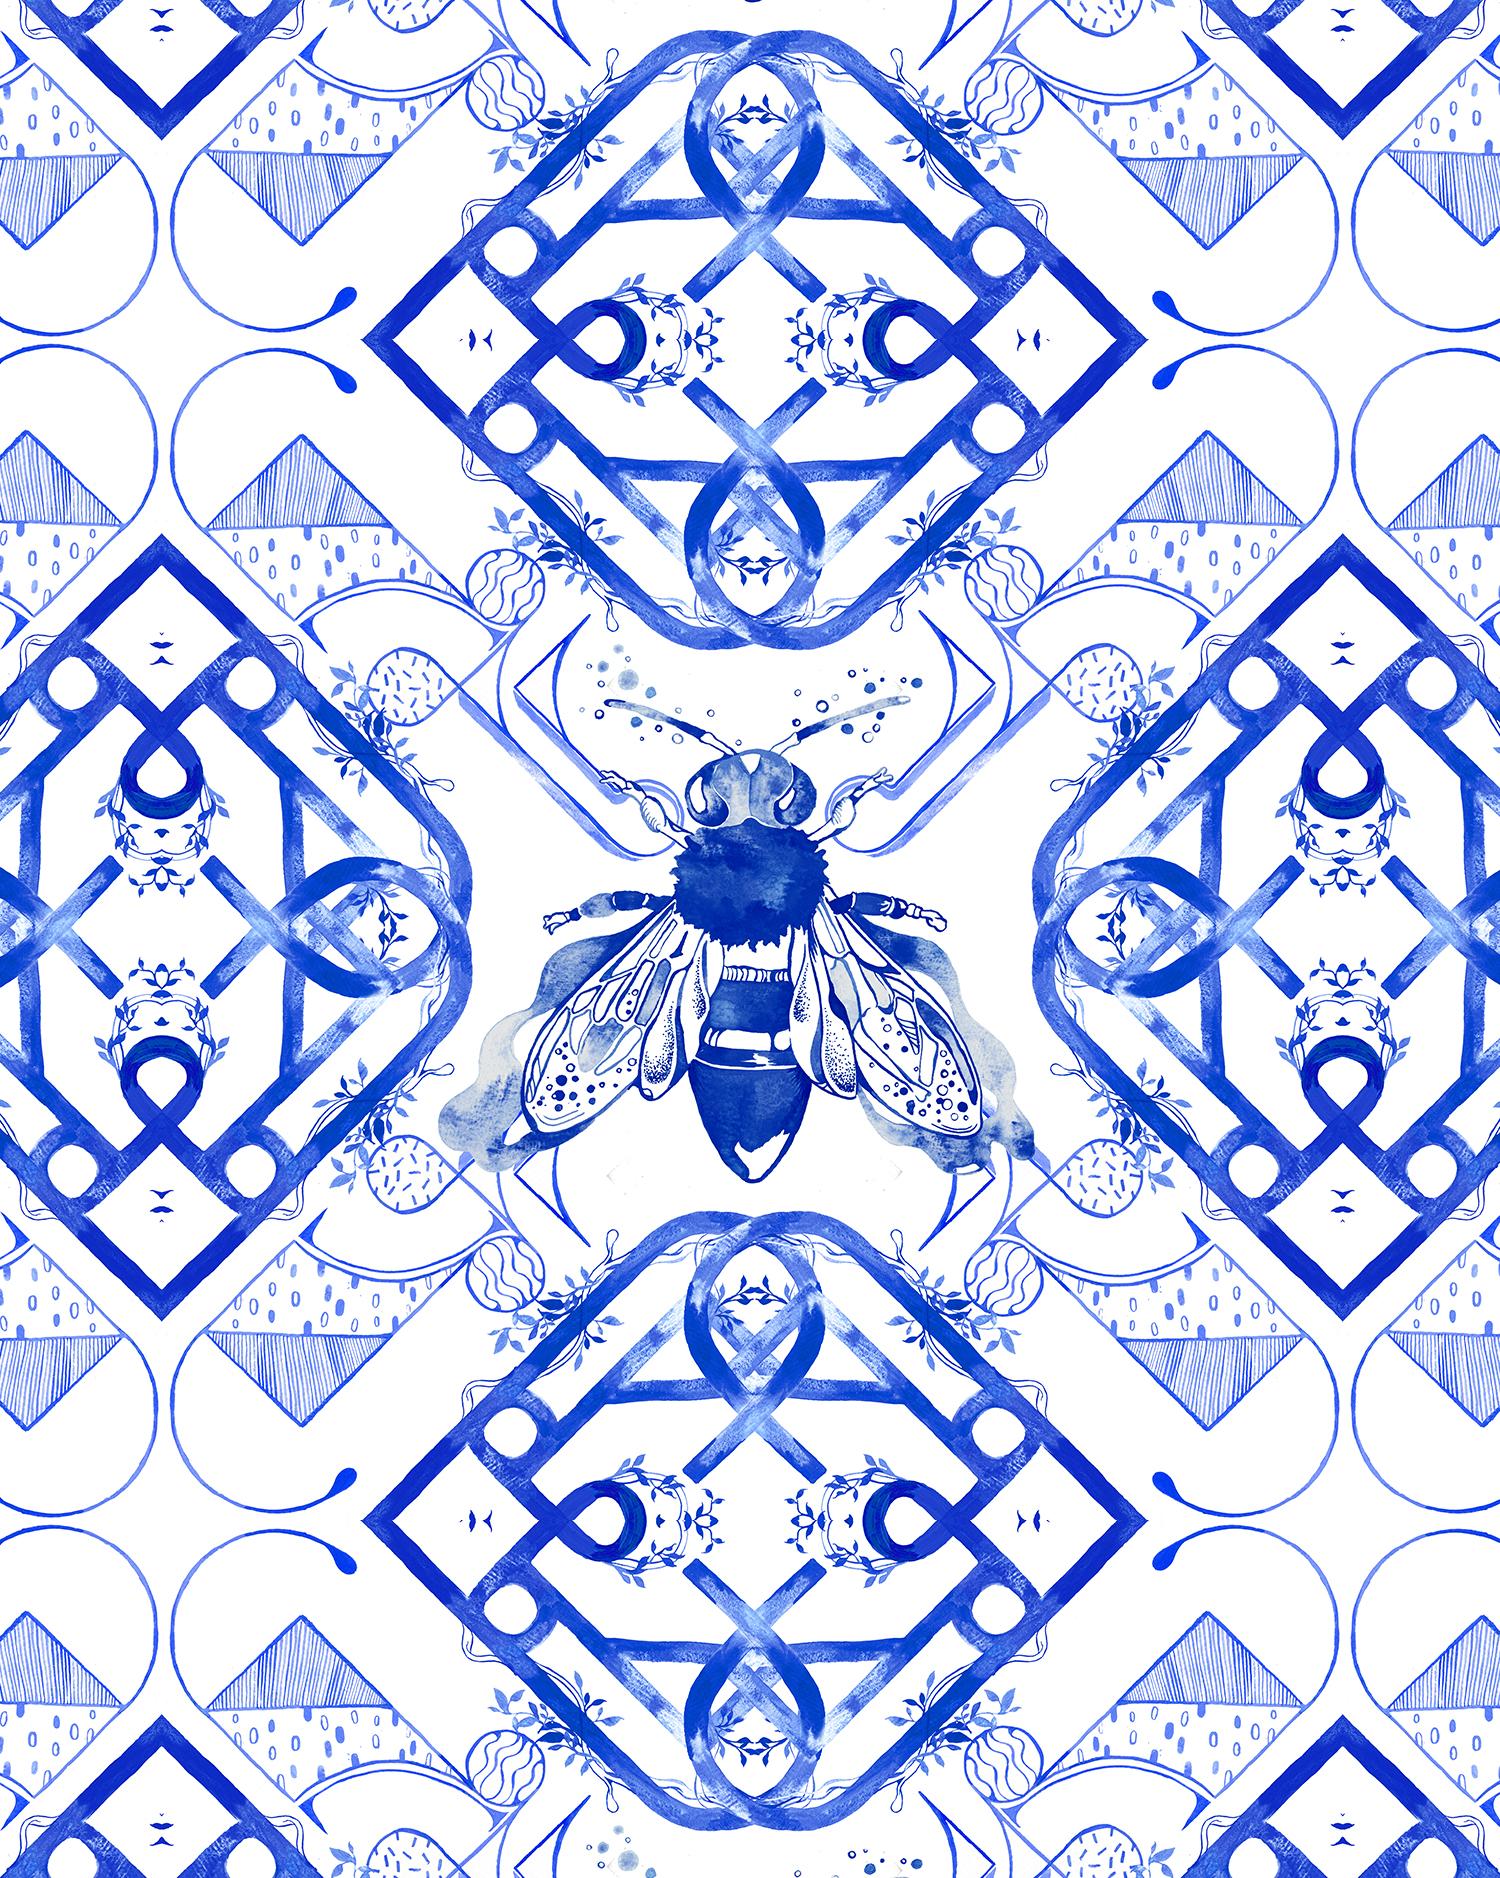 PommeChan_Bee Tiles Pattern3 copy.jpg